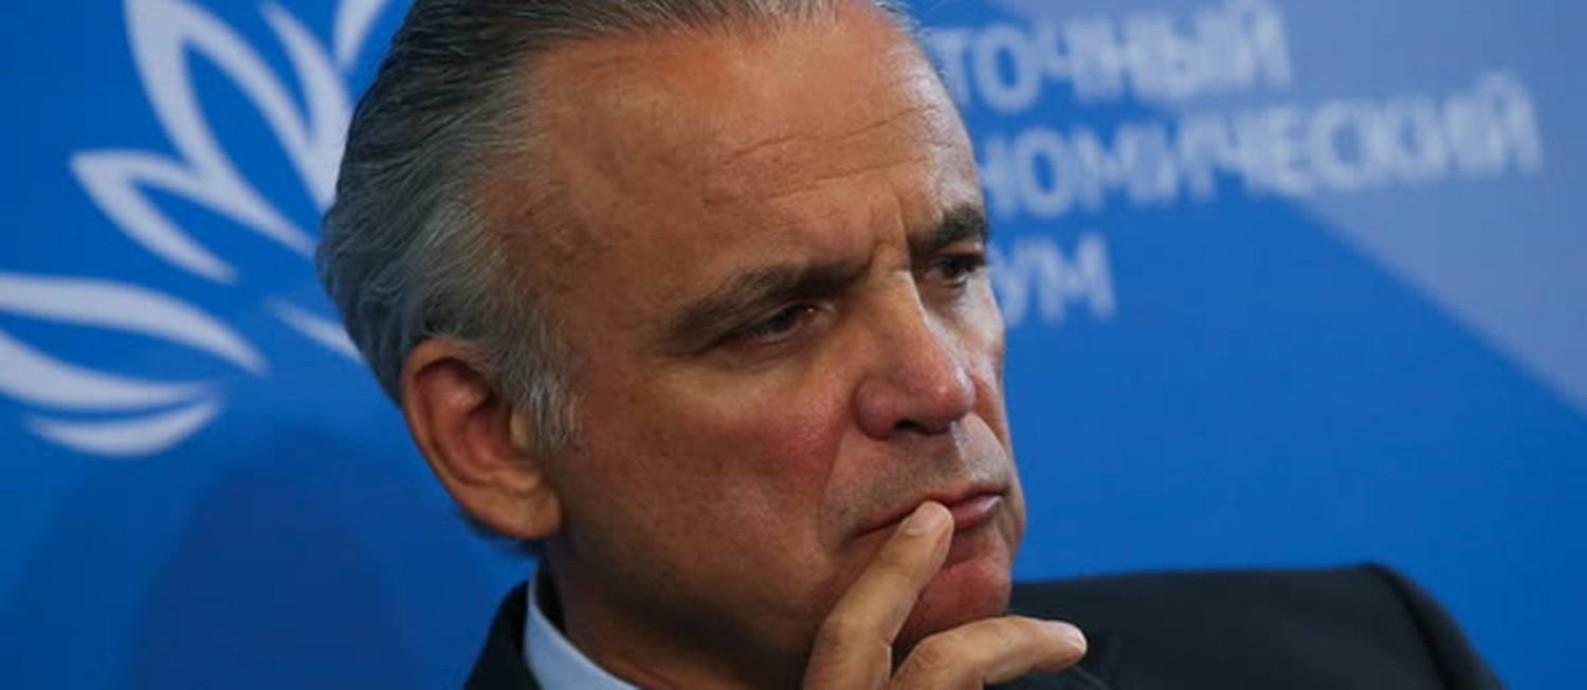 Luiz Loures, ex-vice-diretor da Unaids, foi acusado de assédio sexual por Martina Brostrom e outras duas mulheres Foto: Divulgação/Unaids